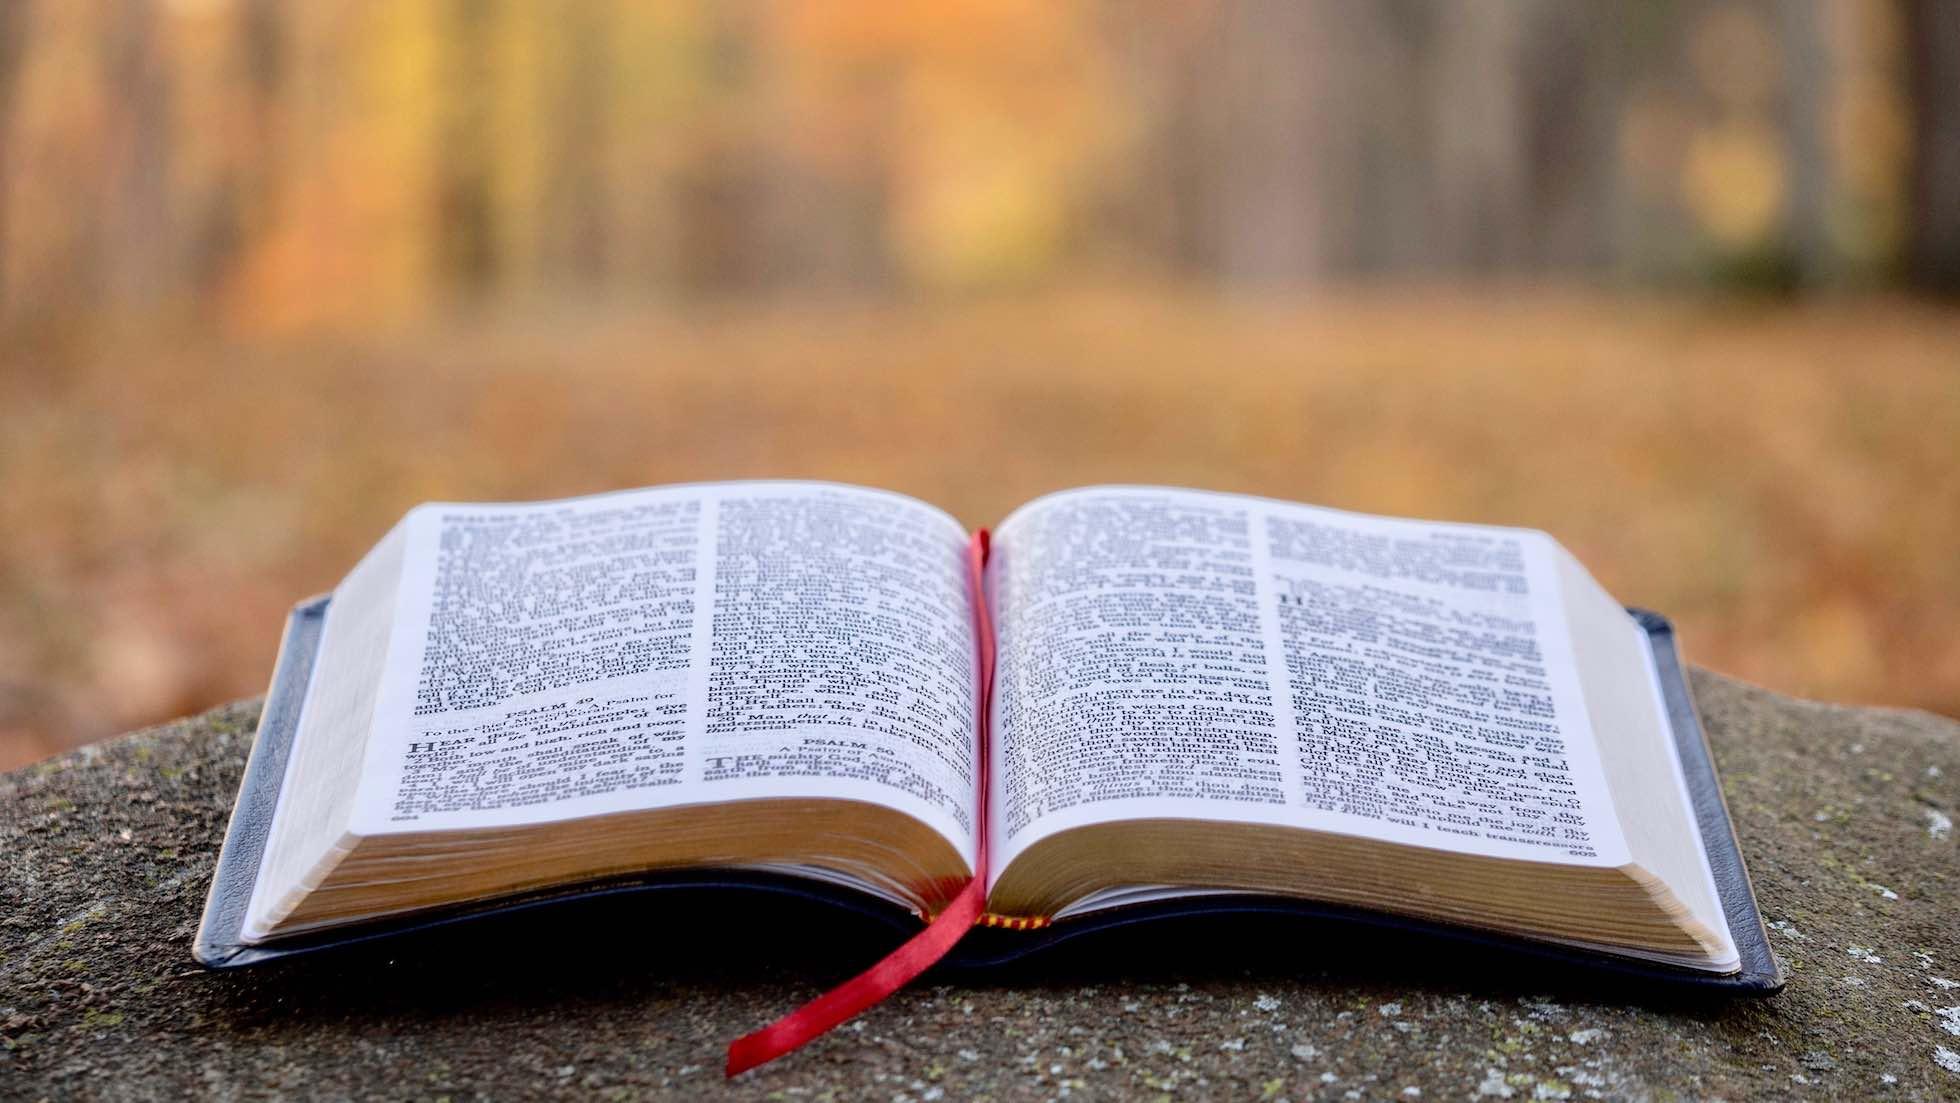 eine aufgeschlagene Bibel liegt auf einem herbstlichen Waldweg